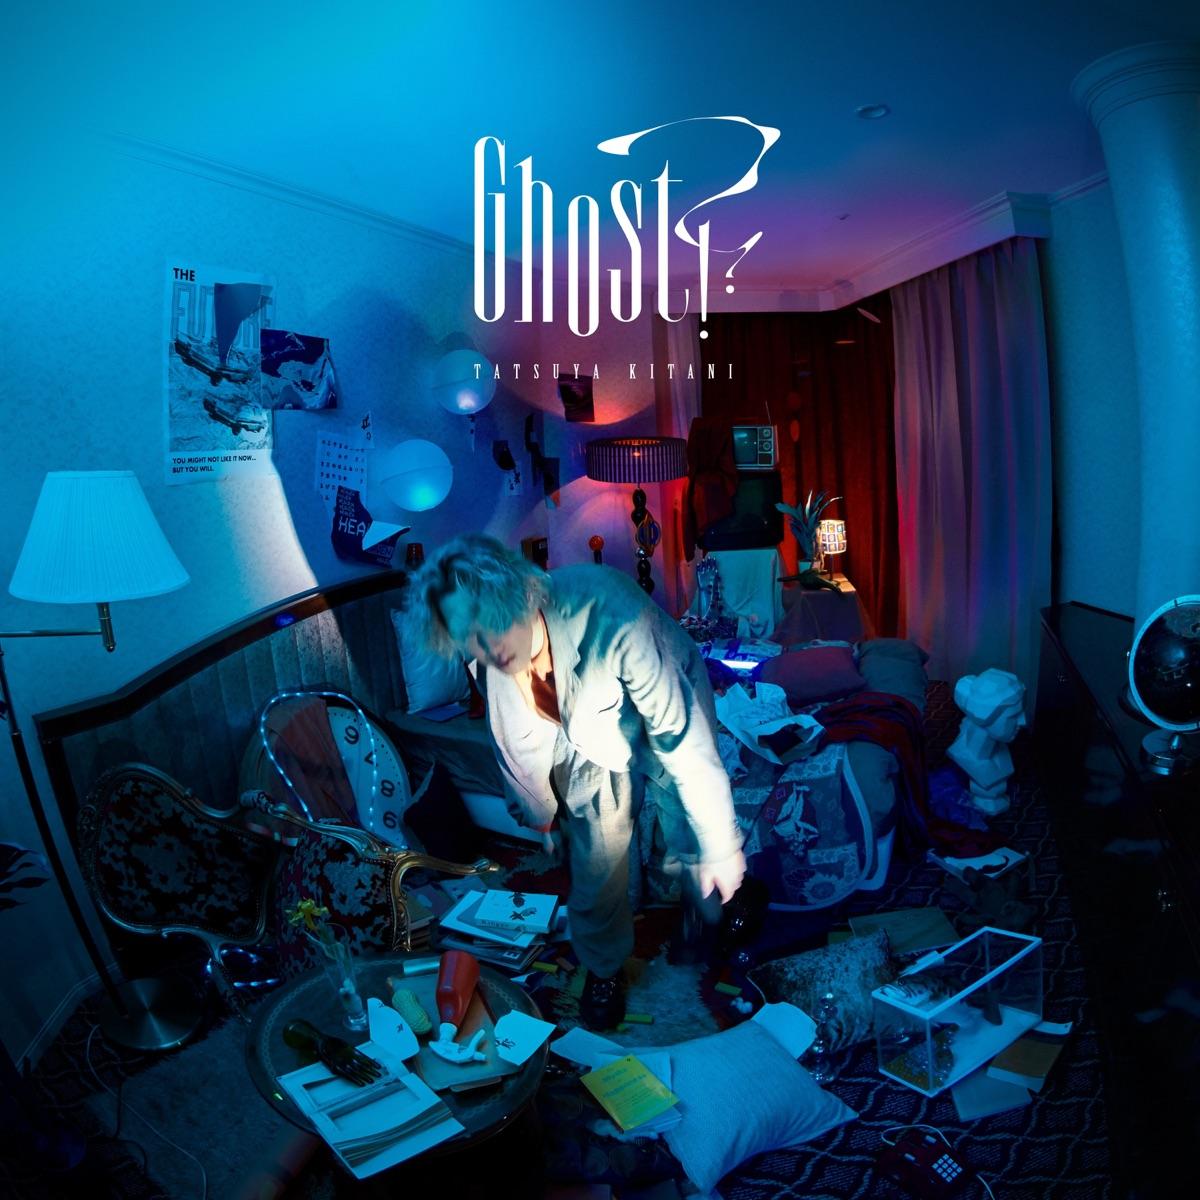 『キタニタツヤ - Ghost!?』収録の『Ghost!?』ジャケット